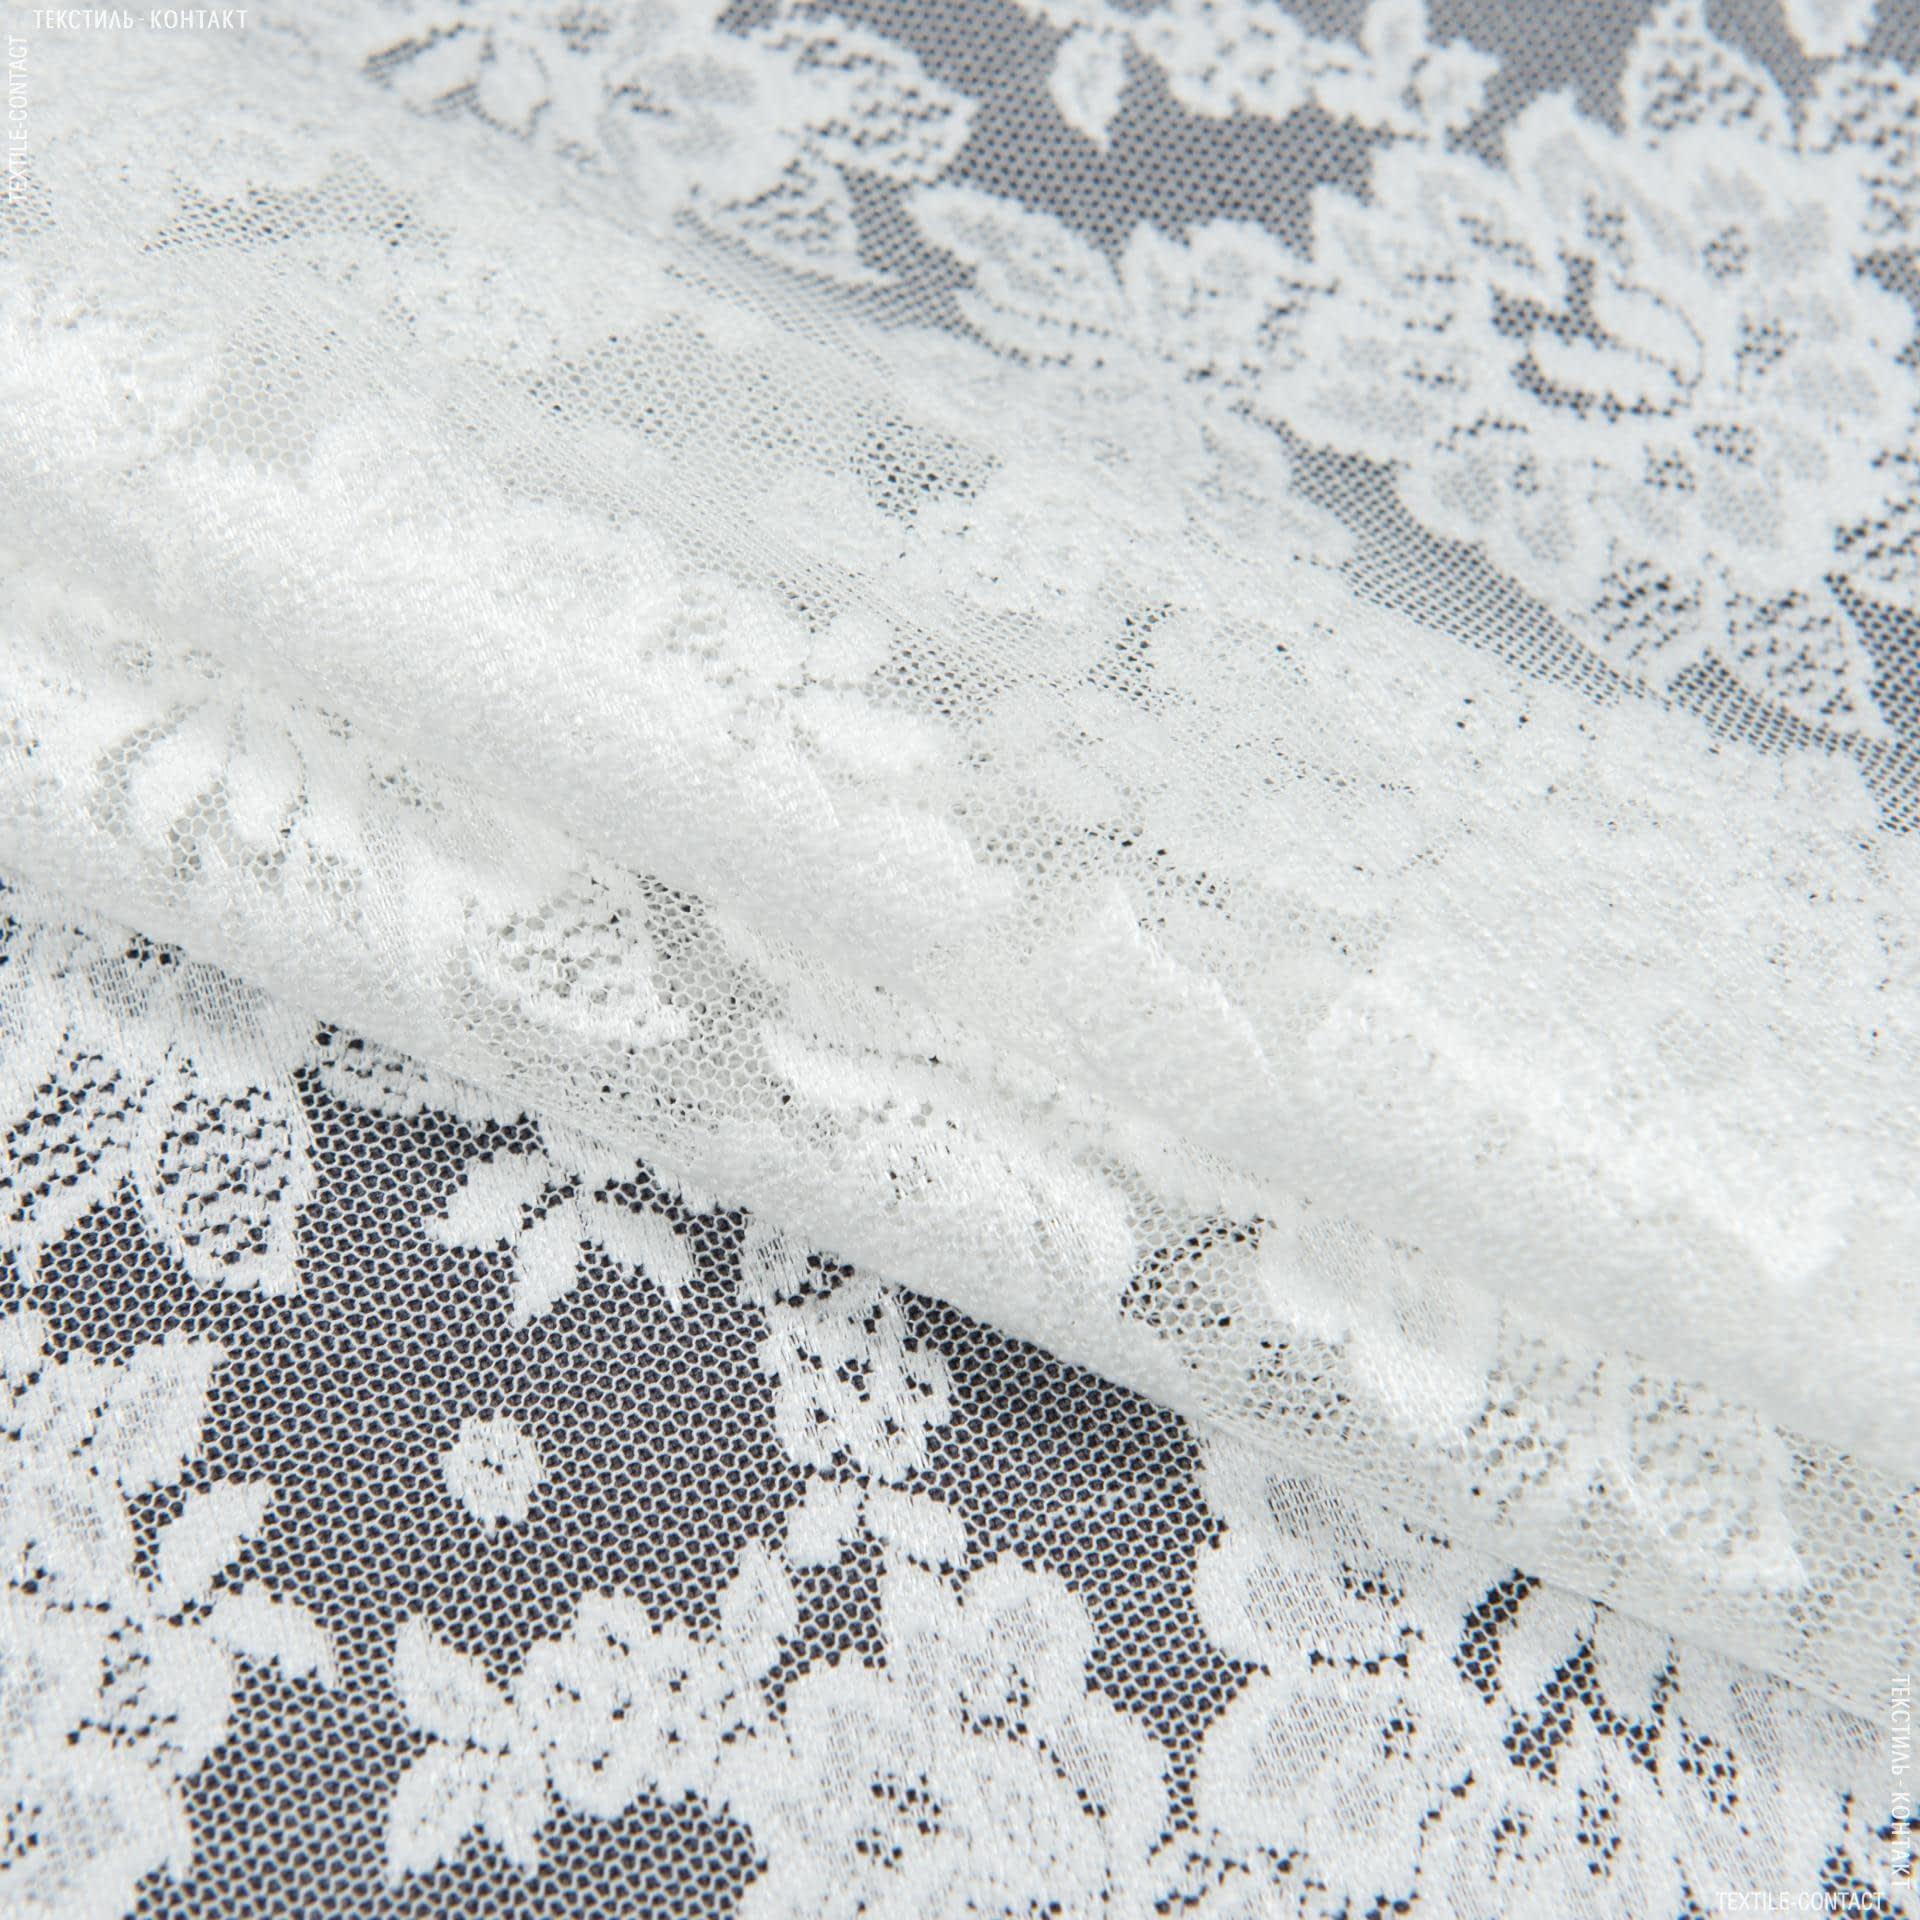 Ткани гардинные ткани - Гардинное полотно гипюр кармела молочный